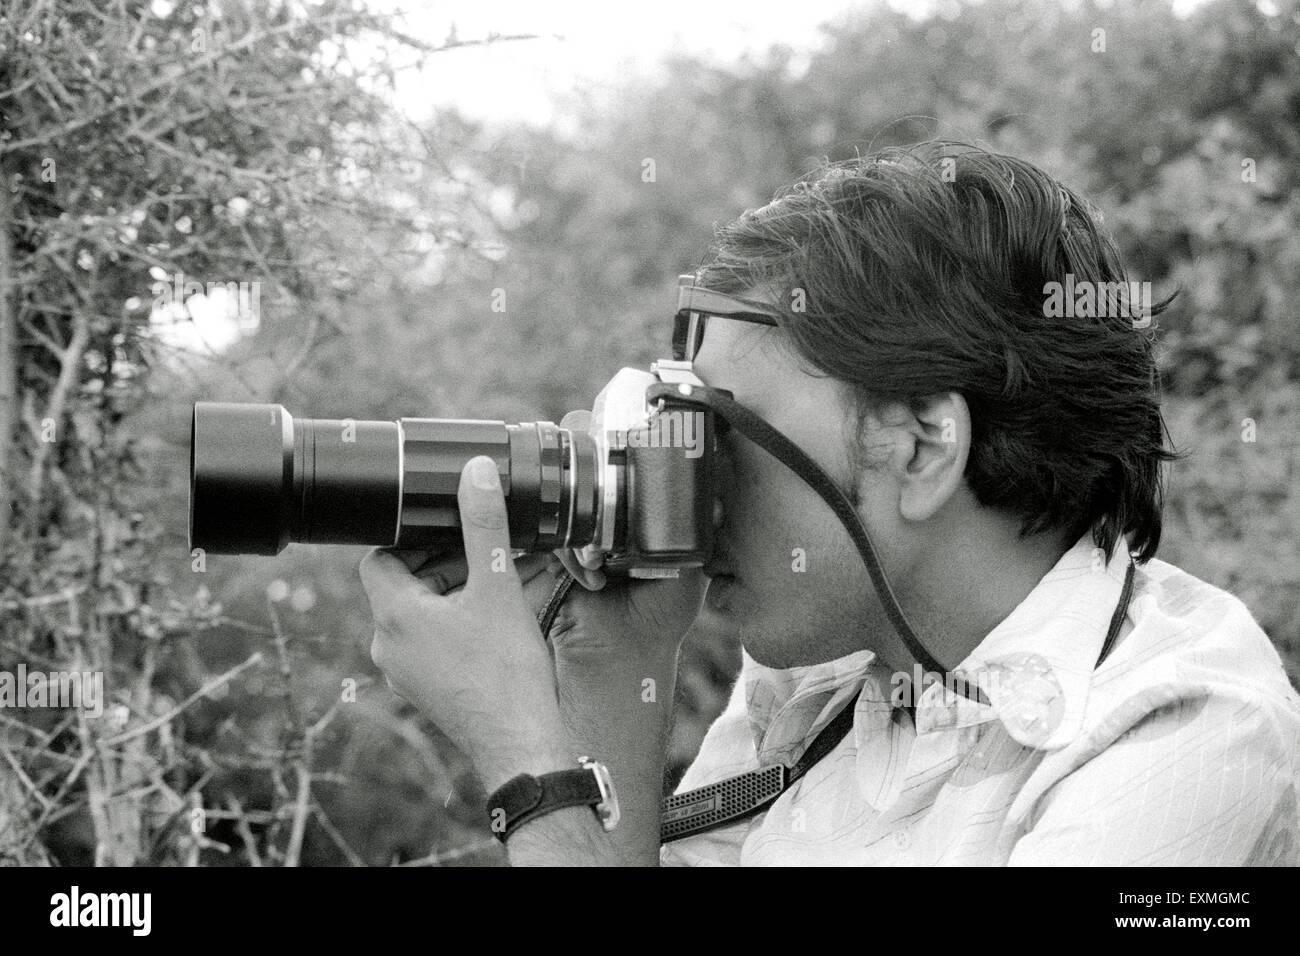 Fotógrafo de Jagdish Agarwal tomando una fotografía fundador Dinodia Photo Library Mumbai India - lanzamiento del modelo Foto de stock